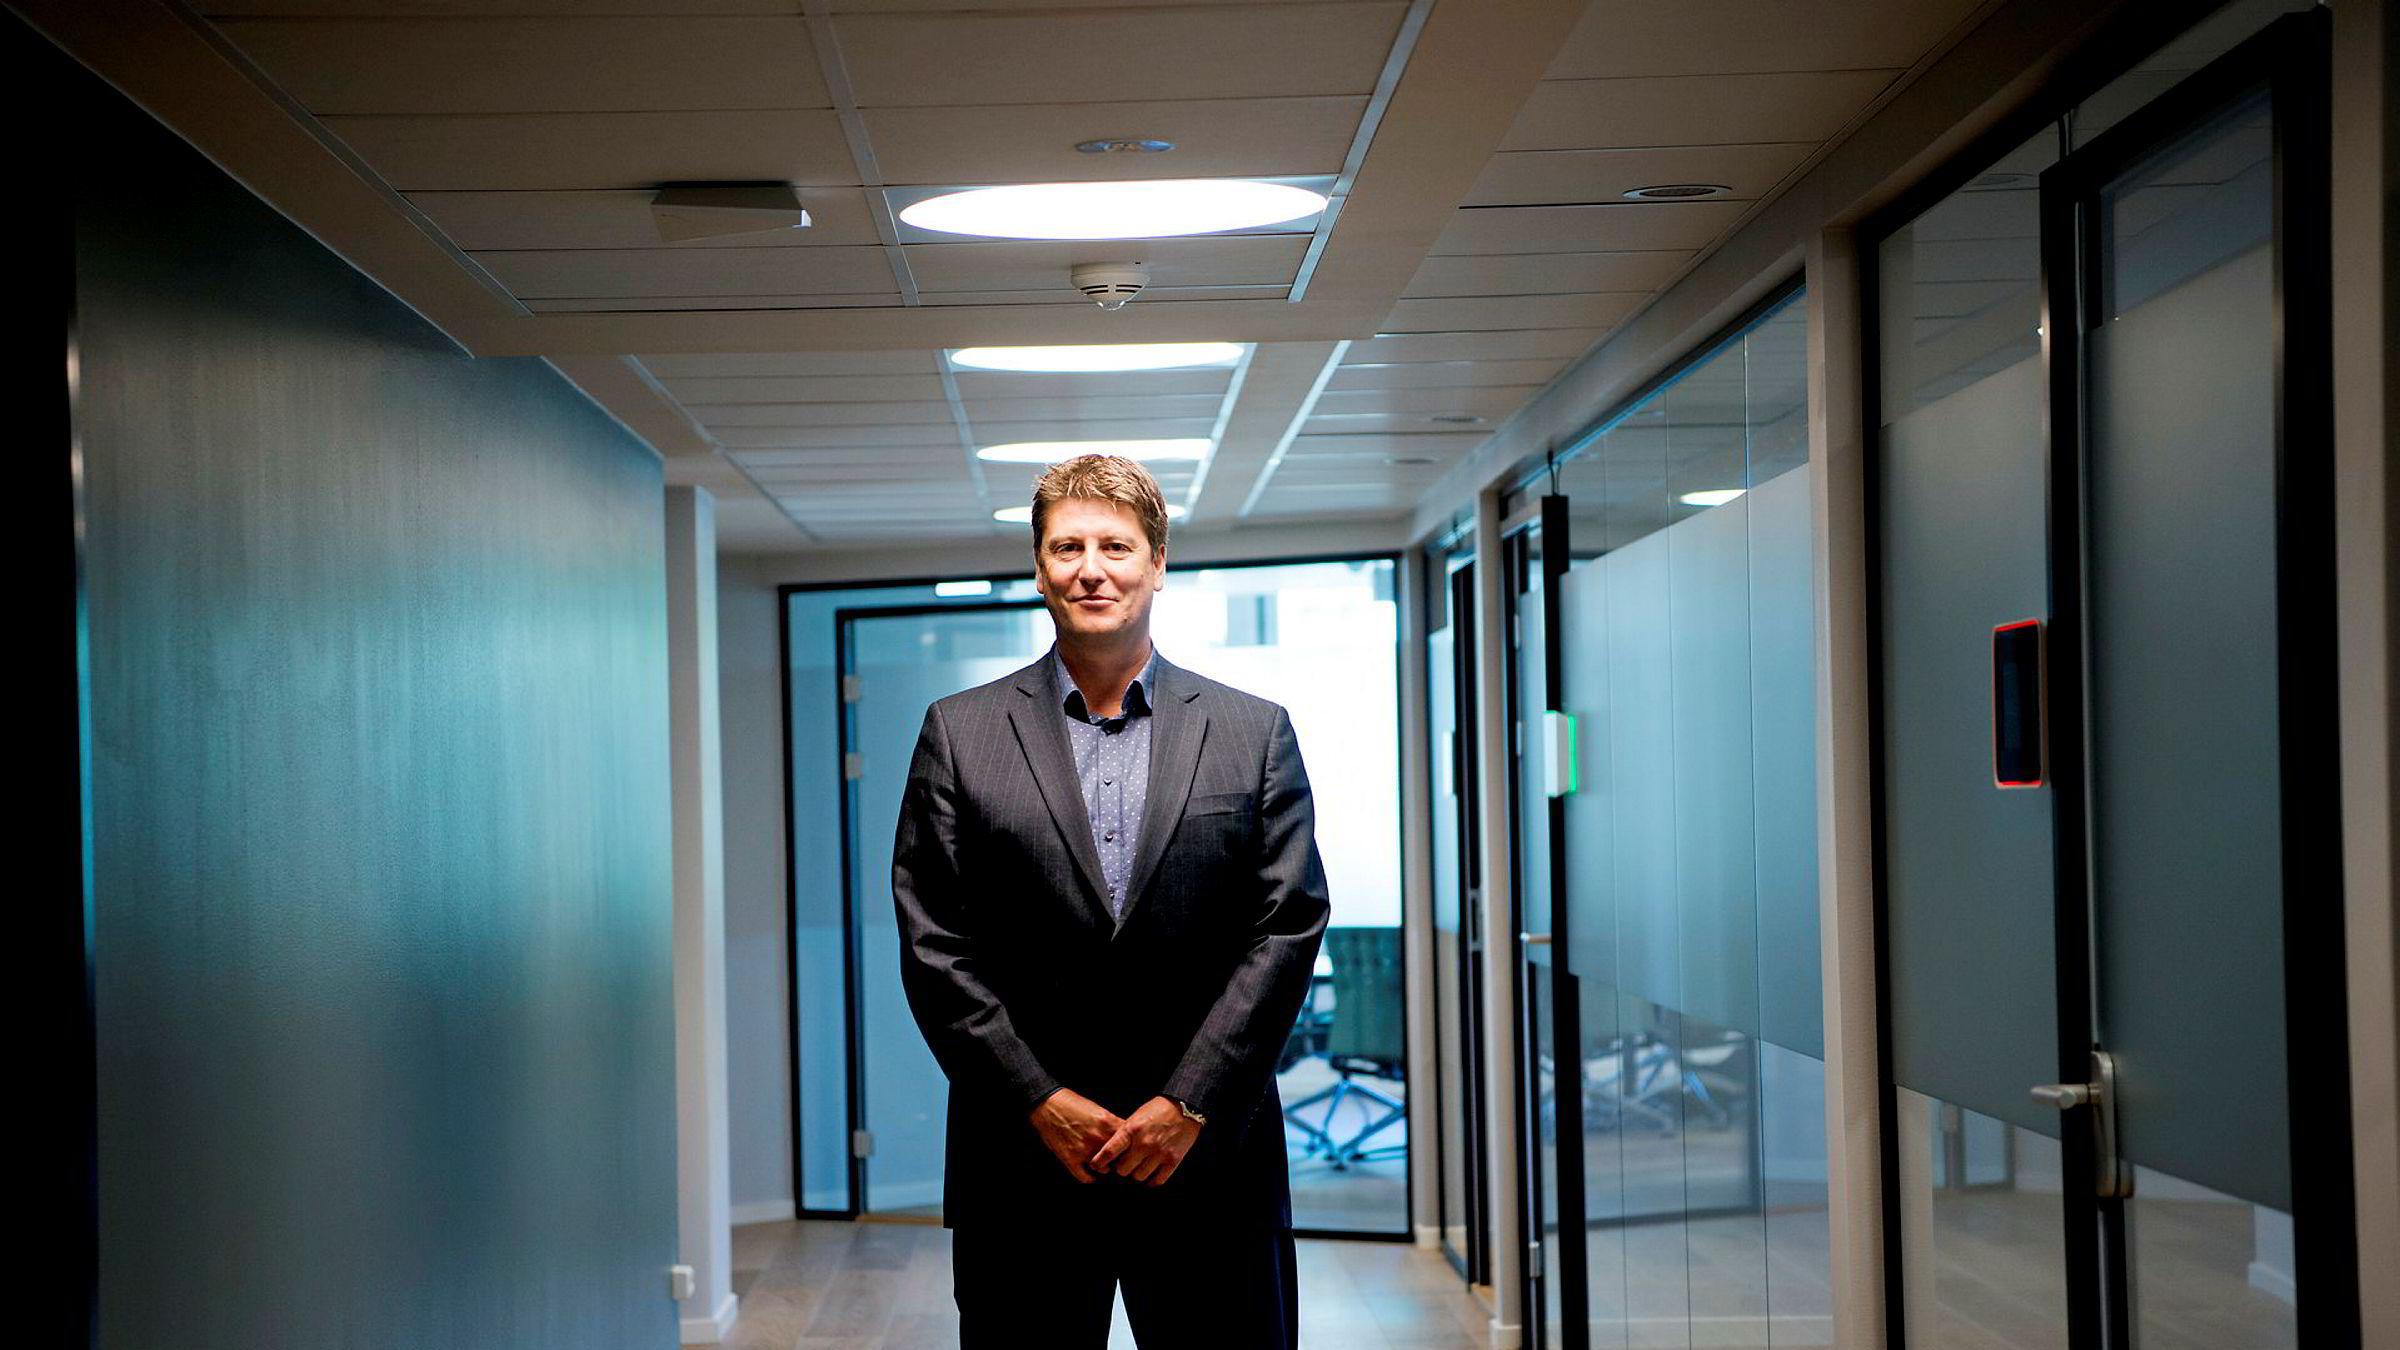 Partner og rådgiver Håkon Borud i First House er en av flere i kommunikasjonsbyrået som hjelper Samherji i Wikileaks-saken. - Vi hjelper dem med koordinering, sier Borud.